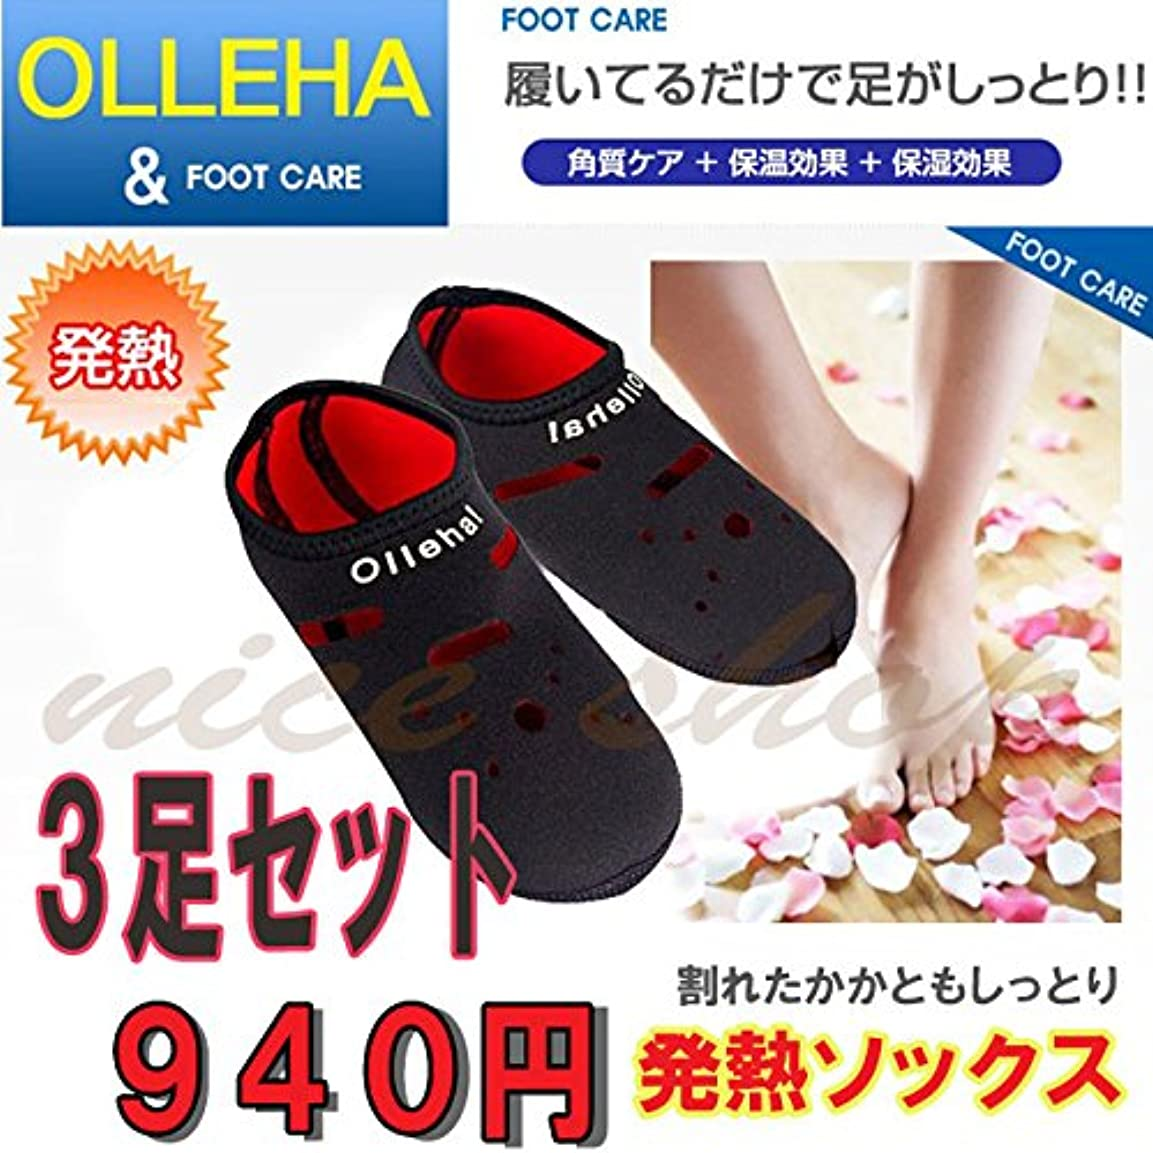 再発する重量雇う発熱靴下(足袋)発熱ソックス、フットケアー Olleha! (L(24.5~26.0))